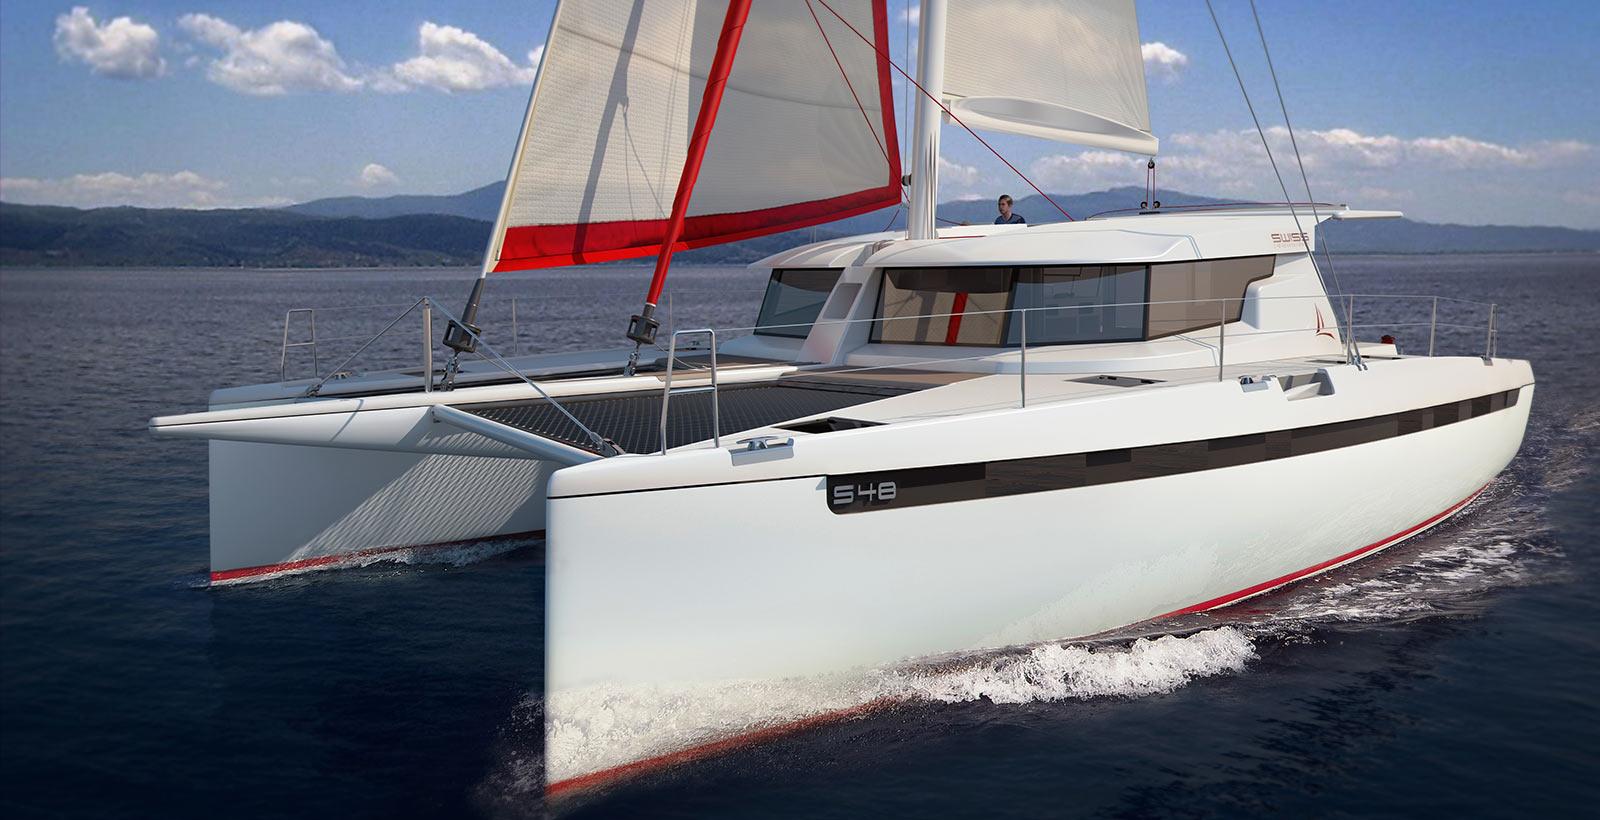 Swiss-CatamaranS48